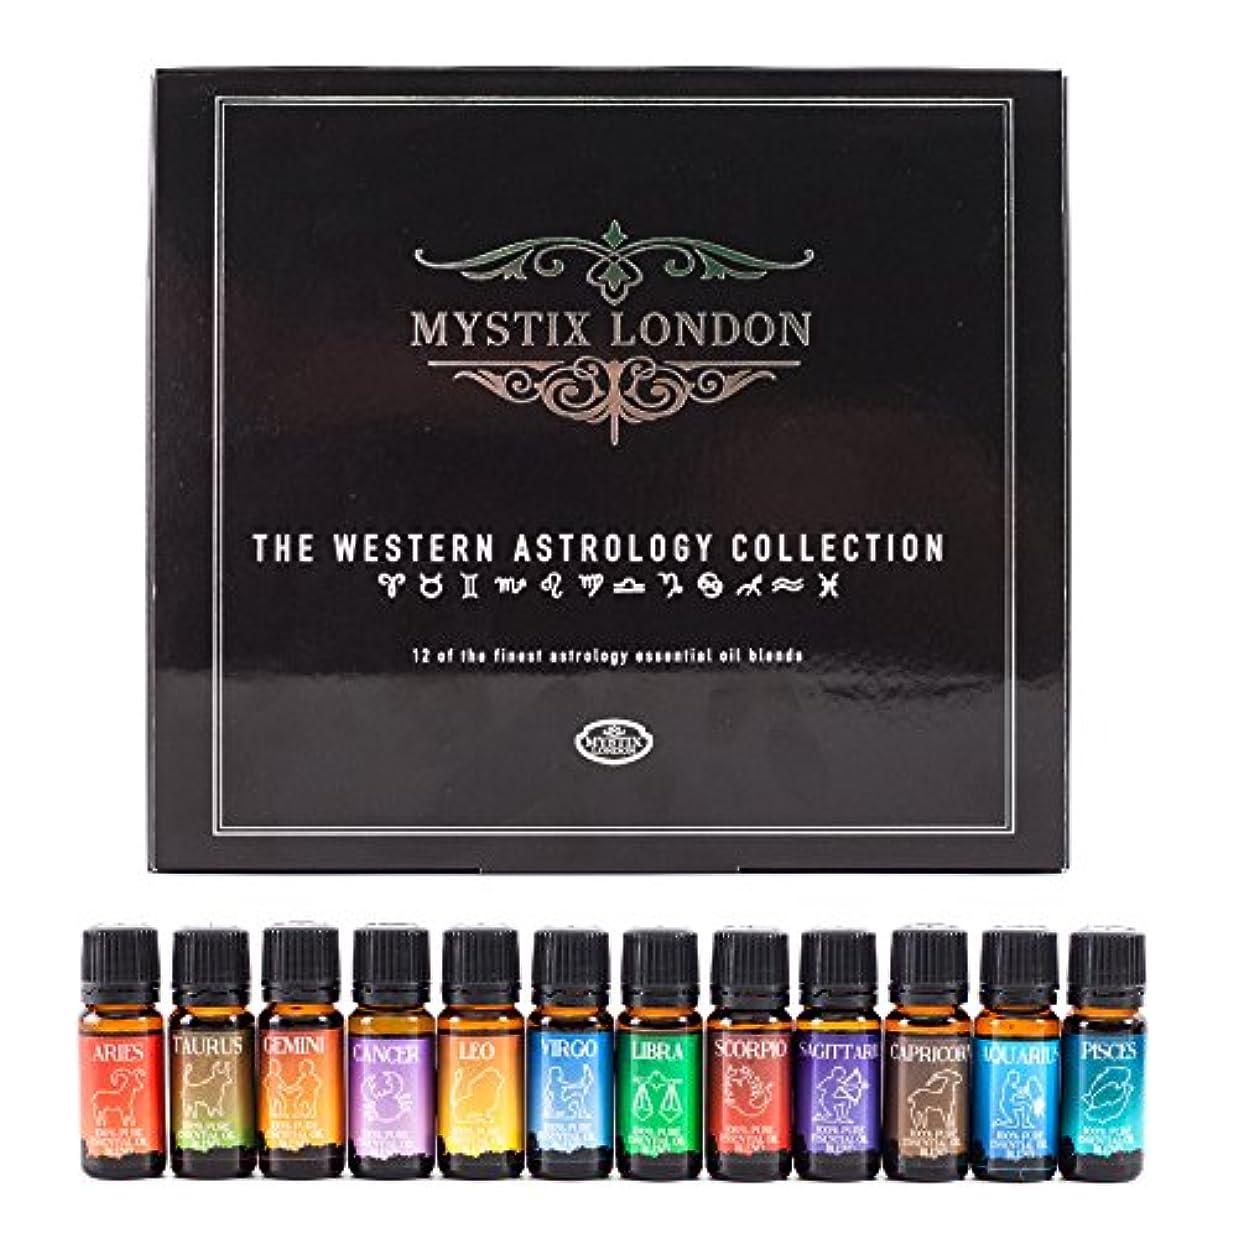 放射性アルファベット順やりすぎMystix London | The Western Astrology Collection 12 x 10ml 100% Pure Essential Oil Blends